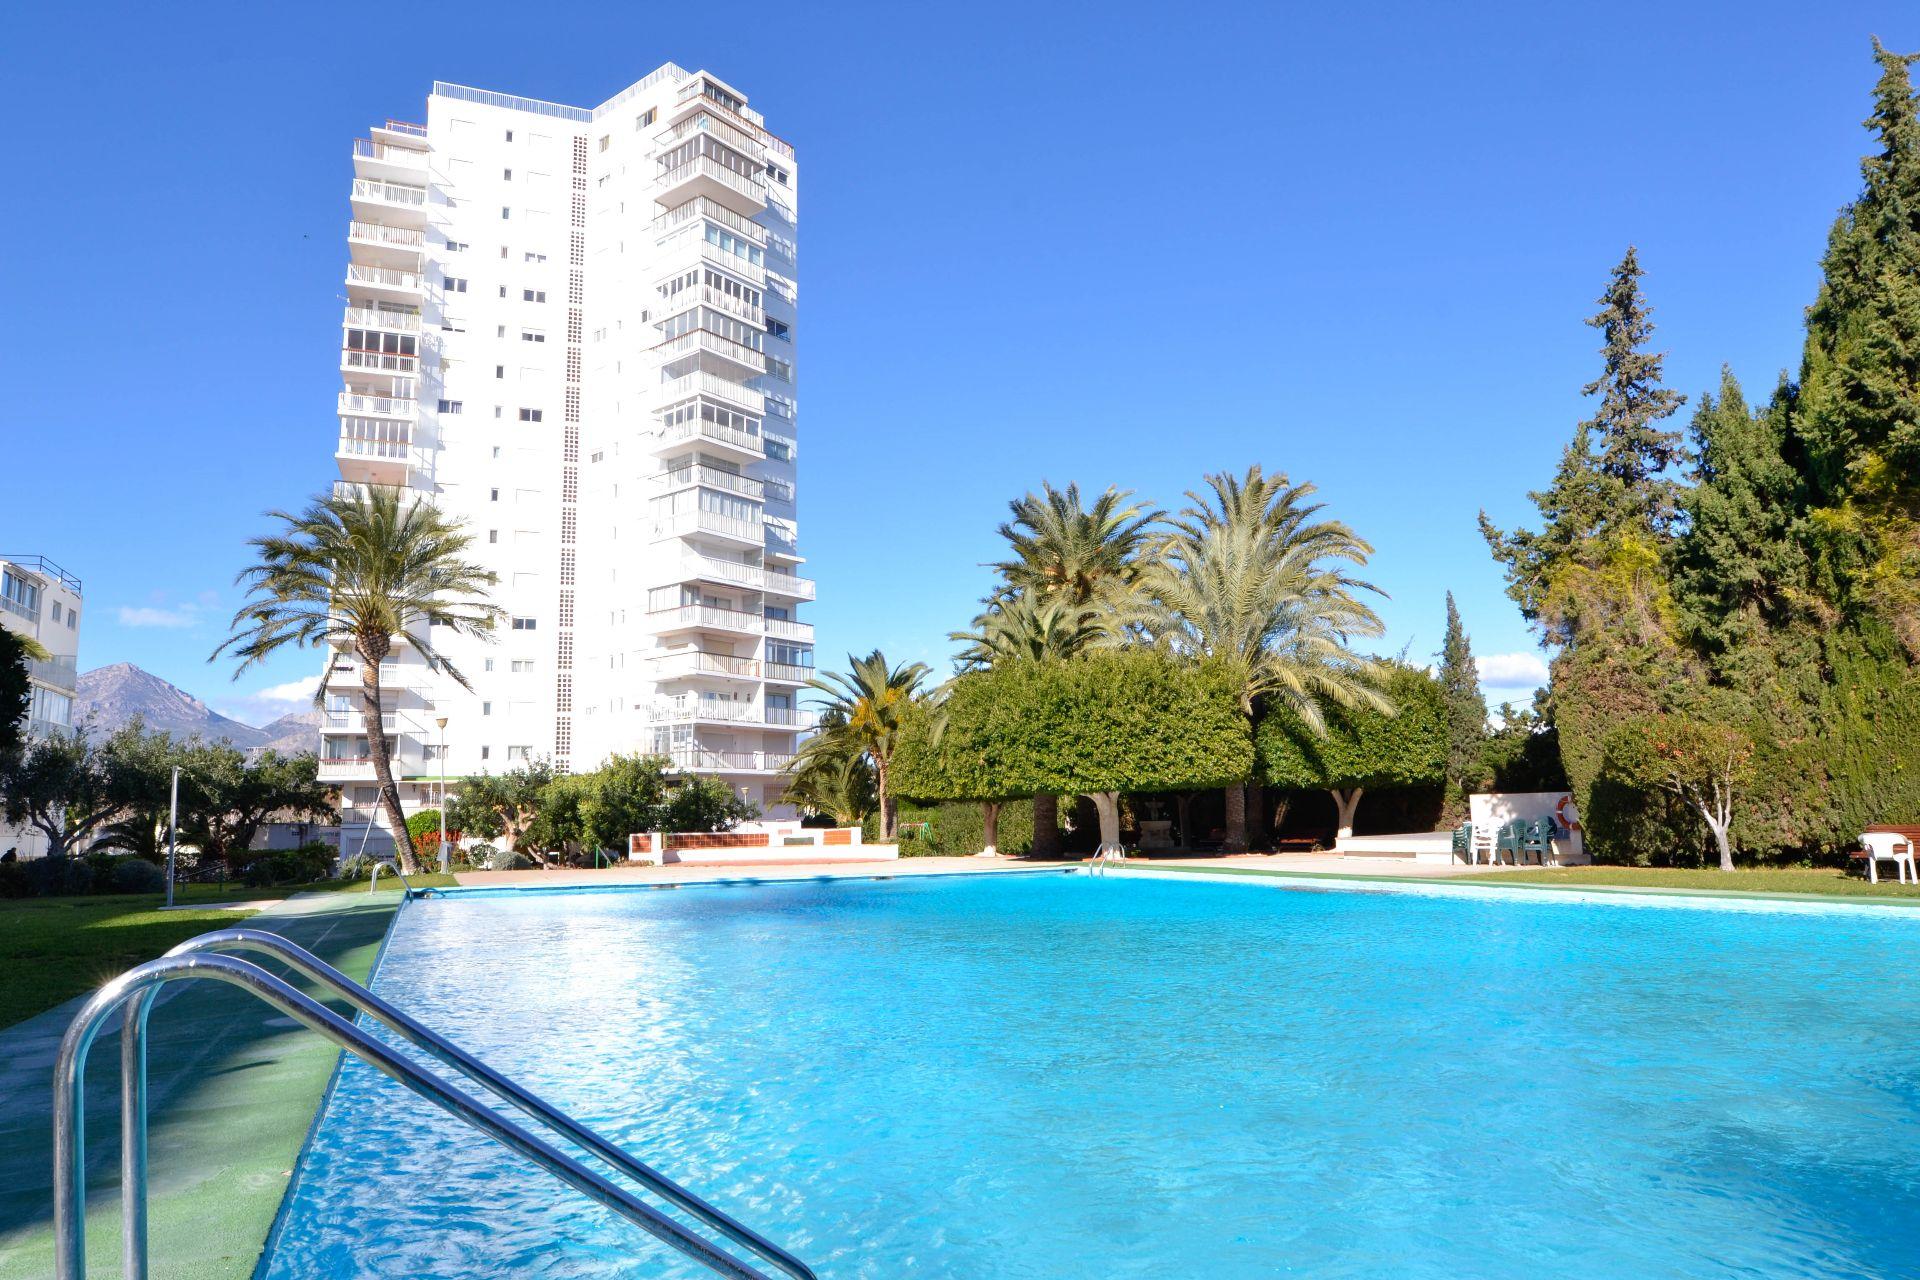 Lägenhet i El Albir / L'Albir, albir, uthyres